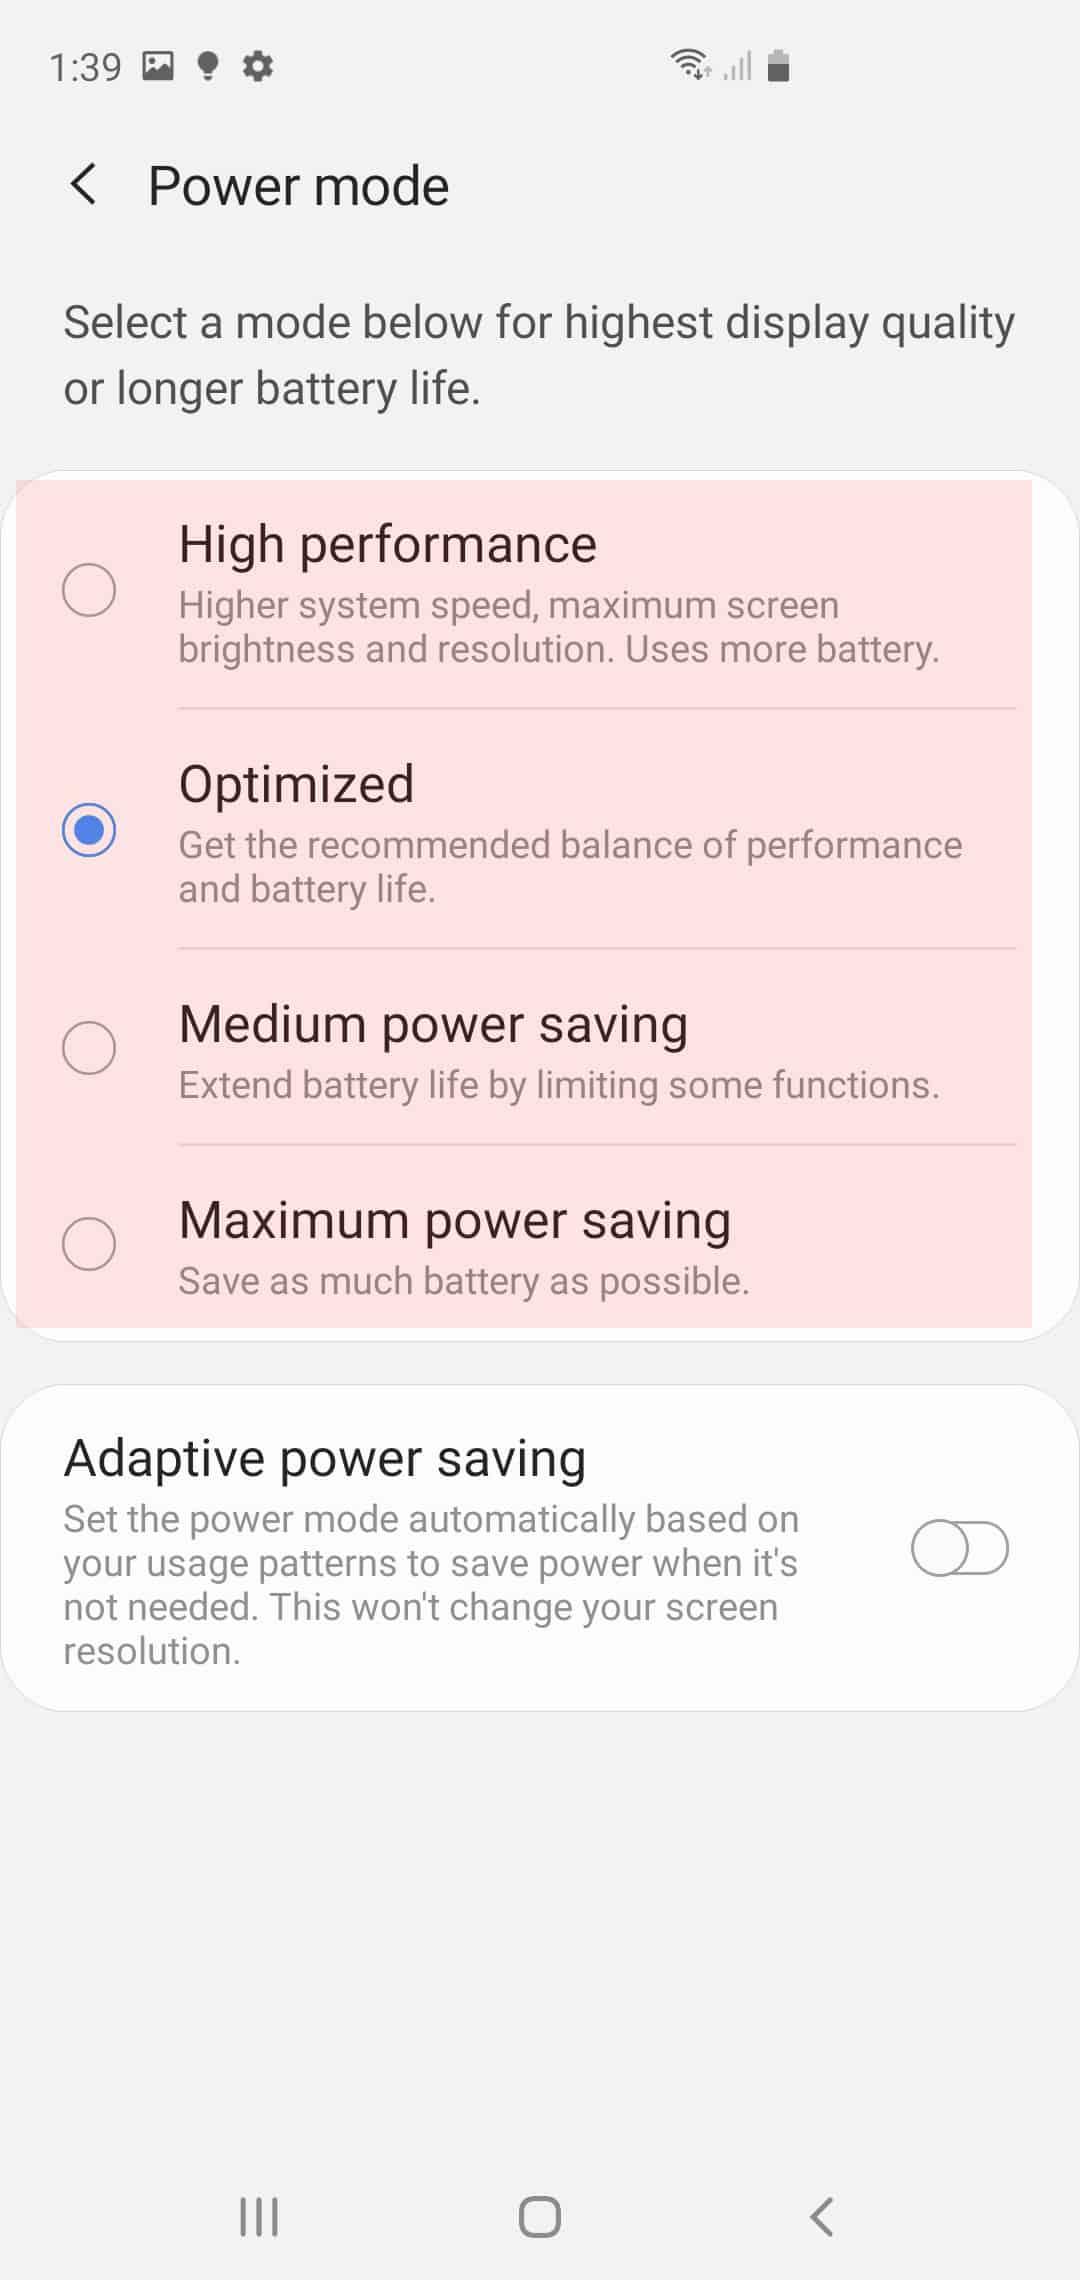 galaxy s20 power saving mode - power saving options